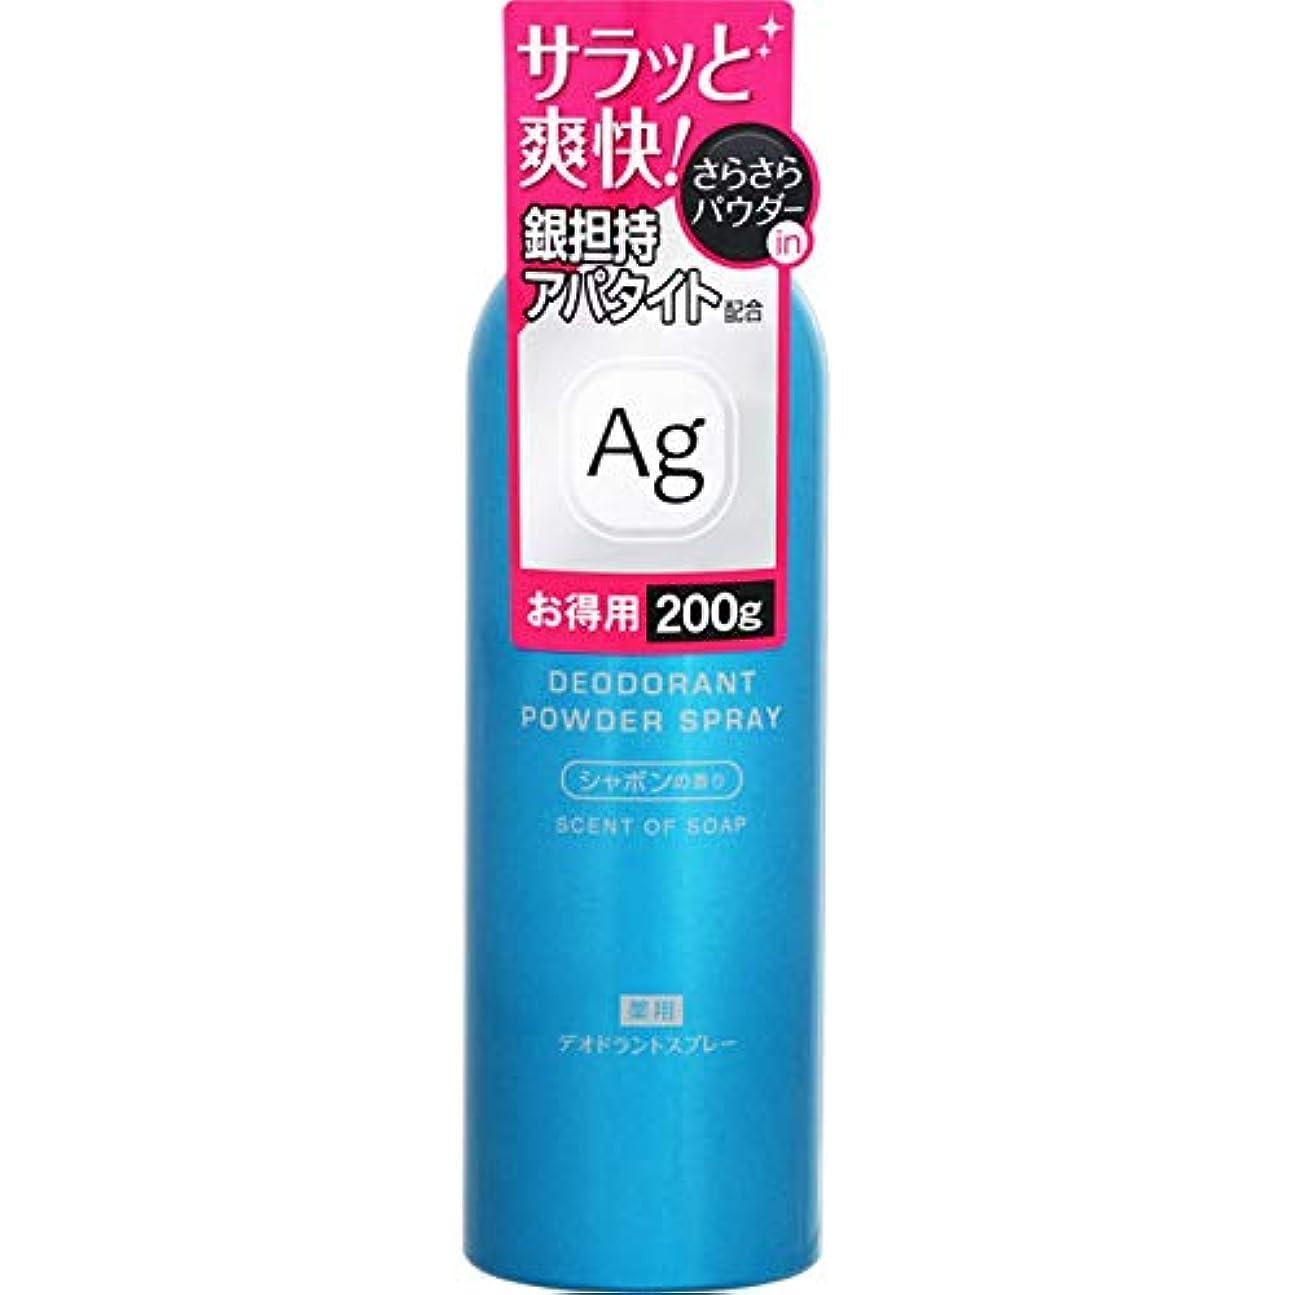 苦味悪行アーネストシャクルトンMK 薬用デオドラントスプレー シャボンの香り 200g (医薬部外品)